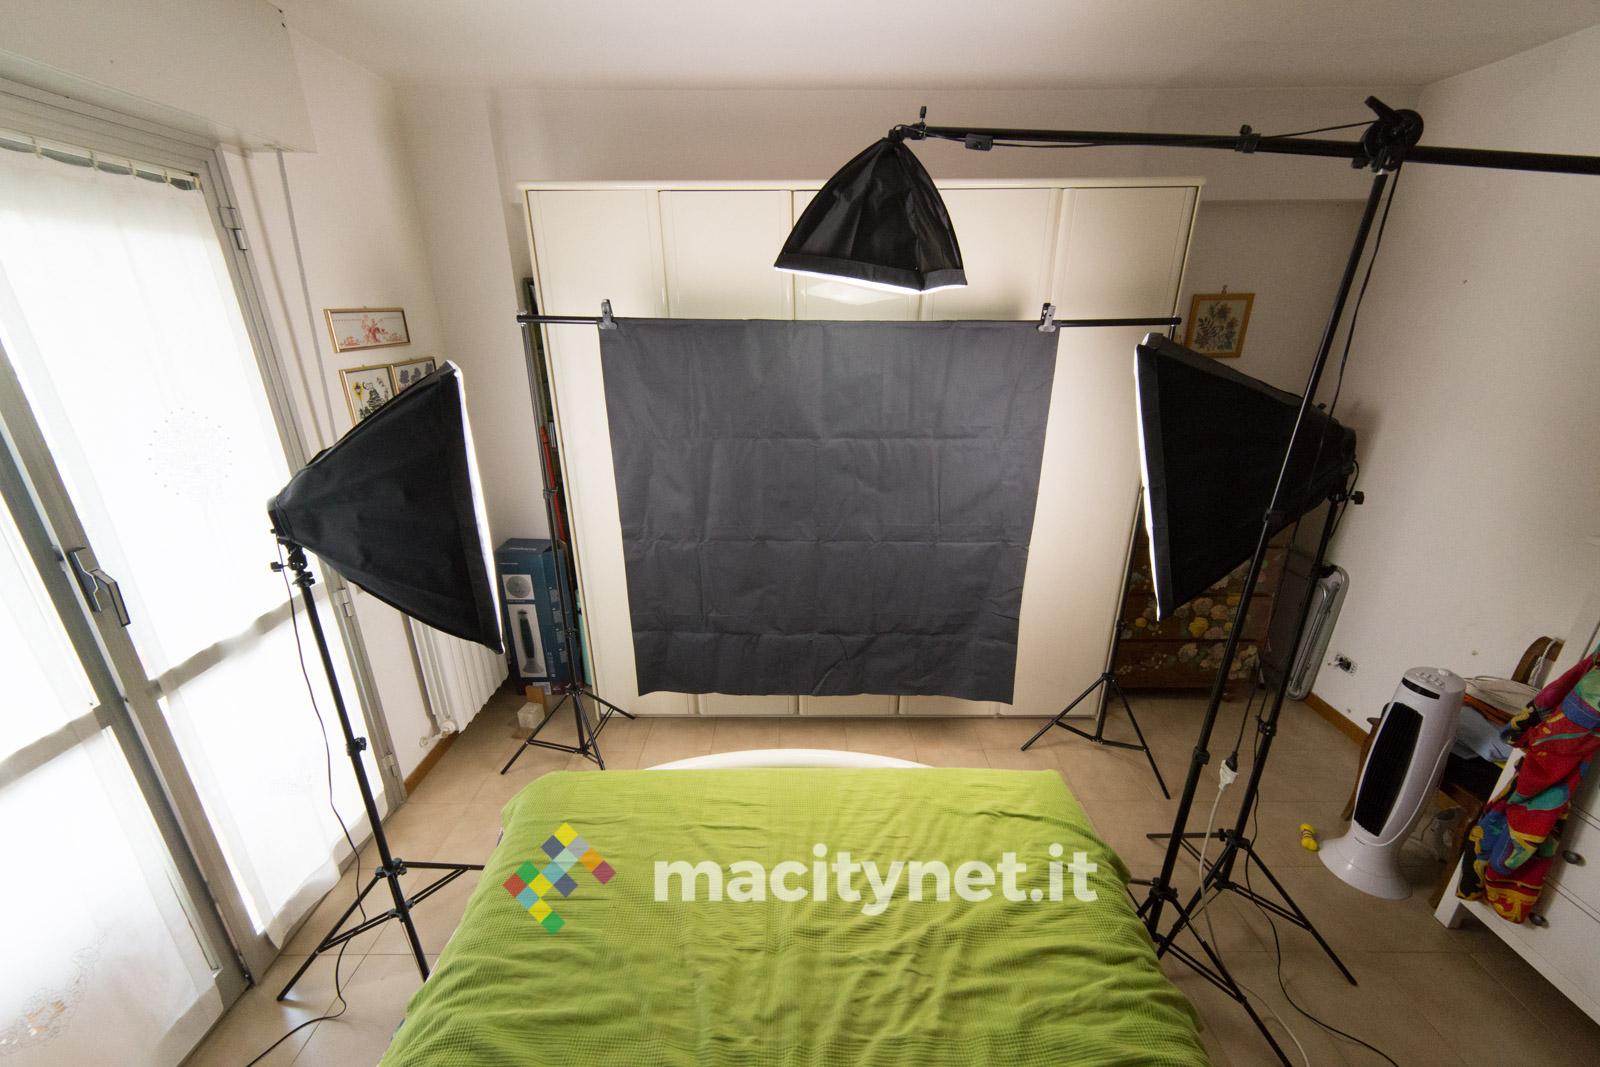 studio fotografico andoer